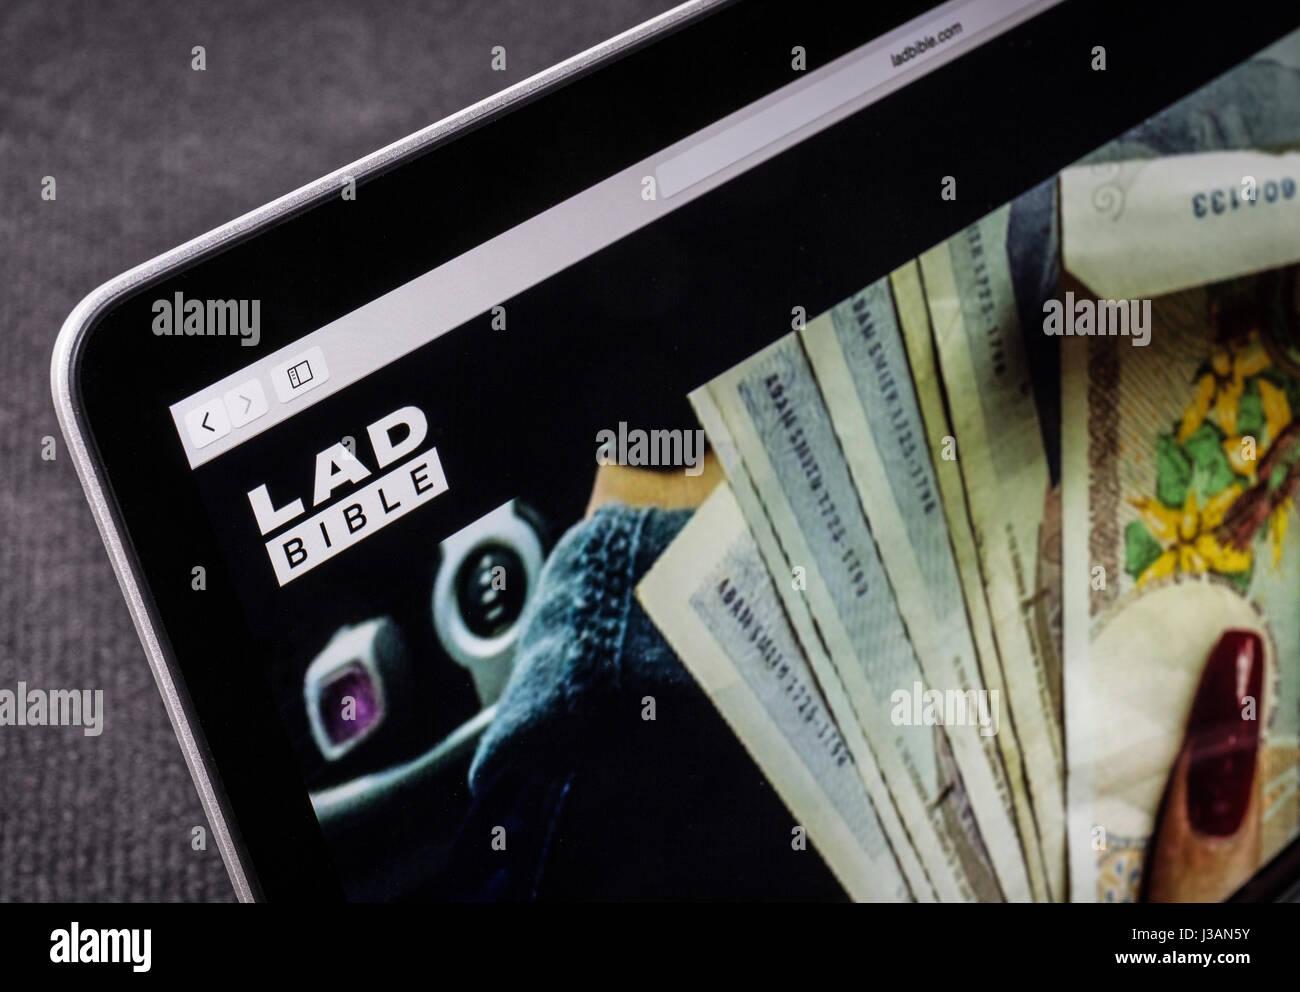 Lad Ladbible.com Biblia website Imagen De Stock